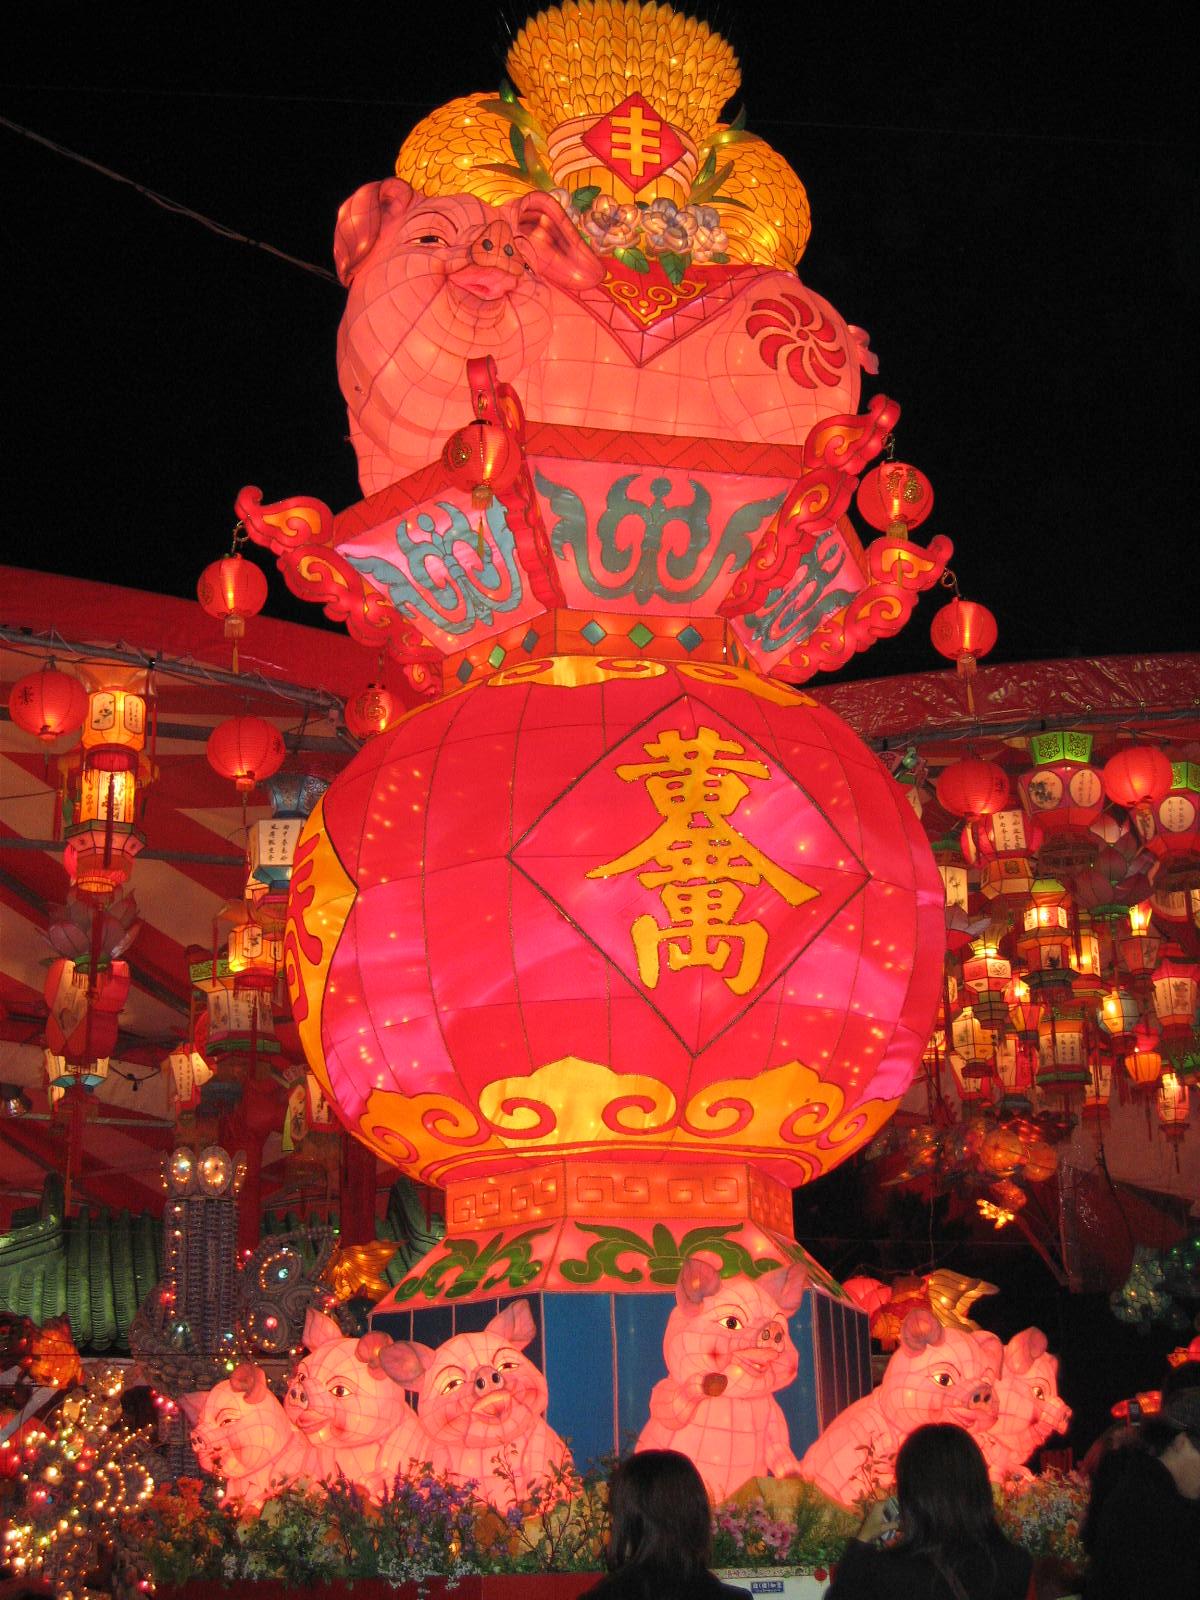 2007長崎ランタンフェスティバル 豚のオブジェ